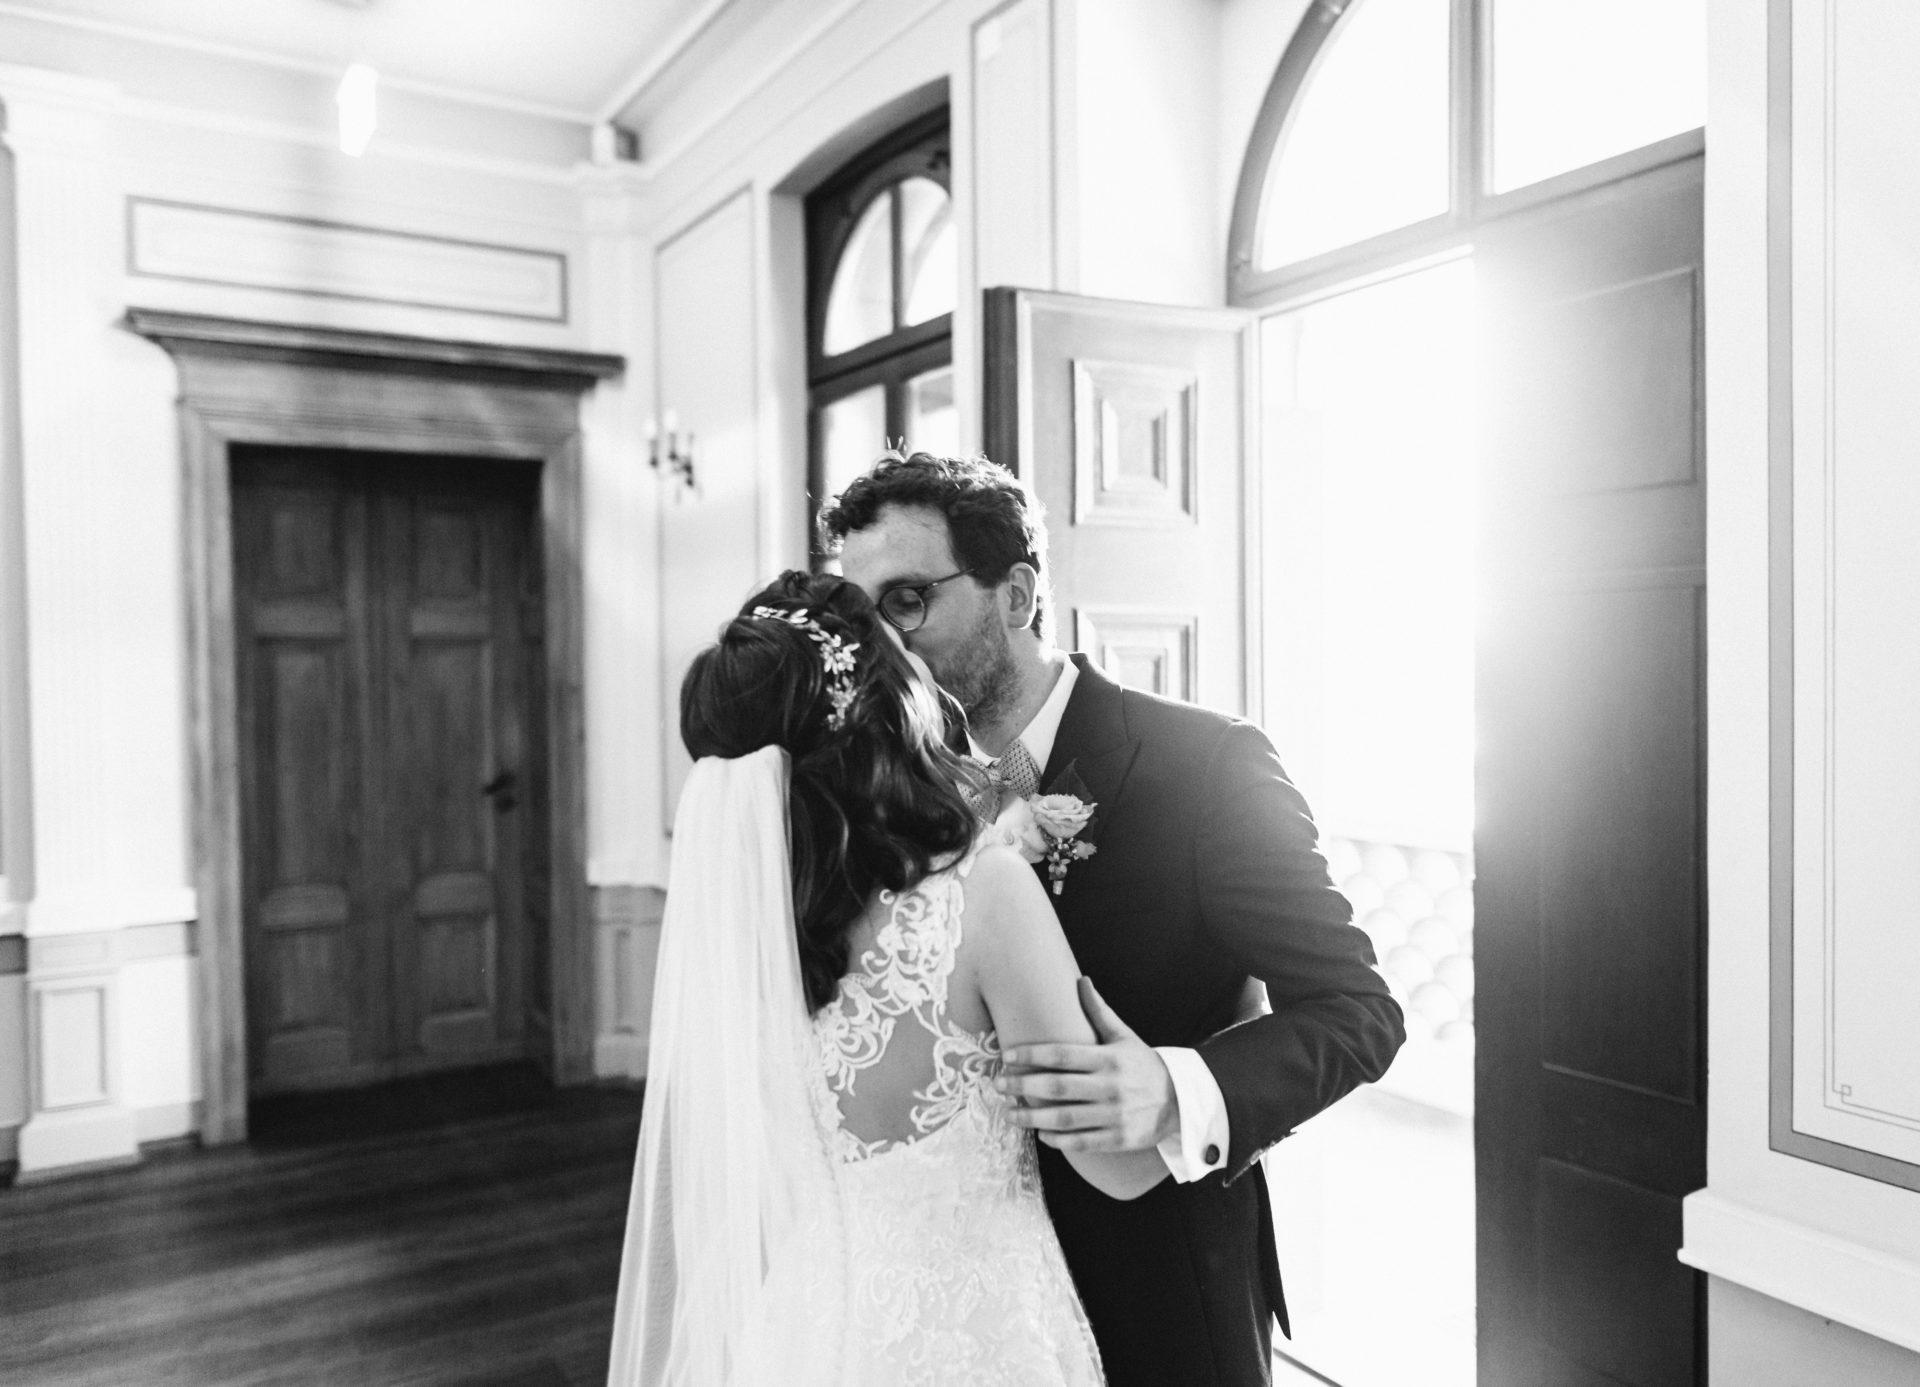 Hochzeitsreportage | Freie Trauung im Herrenhaus Möckern in Leipzig | 28